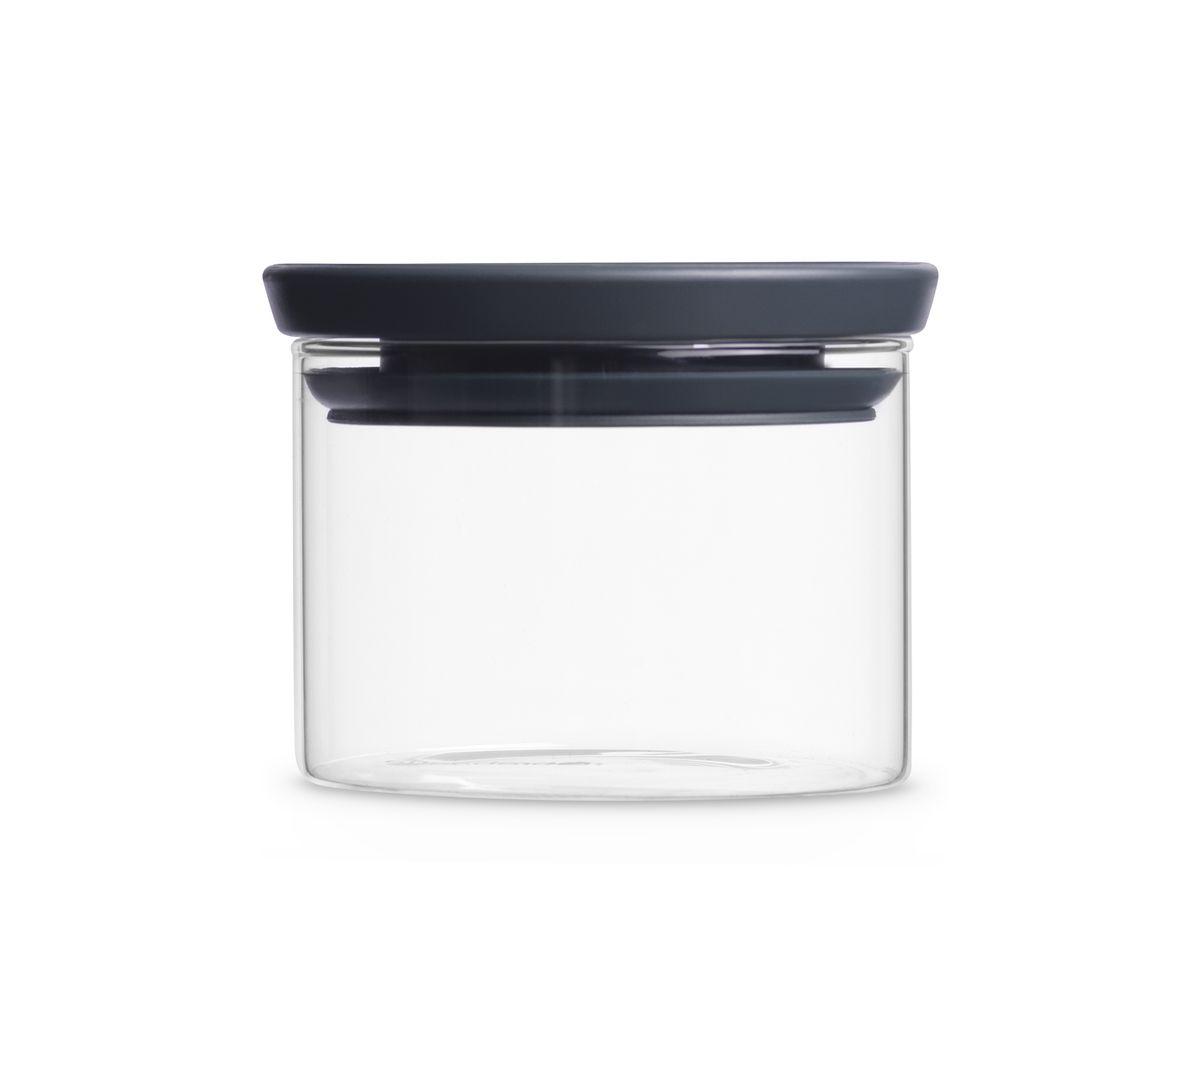 Емкость для сыпучих продуктов Brabantia, 300 мл298301Емкость для сыпучих продуктов Brabantia изготовлена из высококачественного стекла. Банка прекрасно подойдет для хранения различных сыпучих продуктов: специй, чая, кофе, сахара, круп и многого другого. Емкость надежно закрывается пластиковой крышкой, которая снабжена силиконовым уплотнителем для лучшей фиксации. Благодаря этому она будет дольше сохранять свежесть ваших продуктов.Функциональная и вместительная, такая емкость станет незаменимым аксессуаром на любой кухне. Можно мыть в посудомоечной машине.